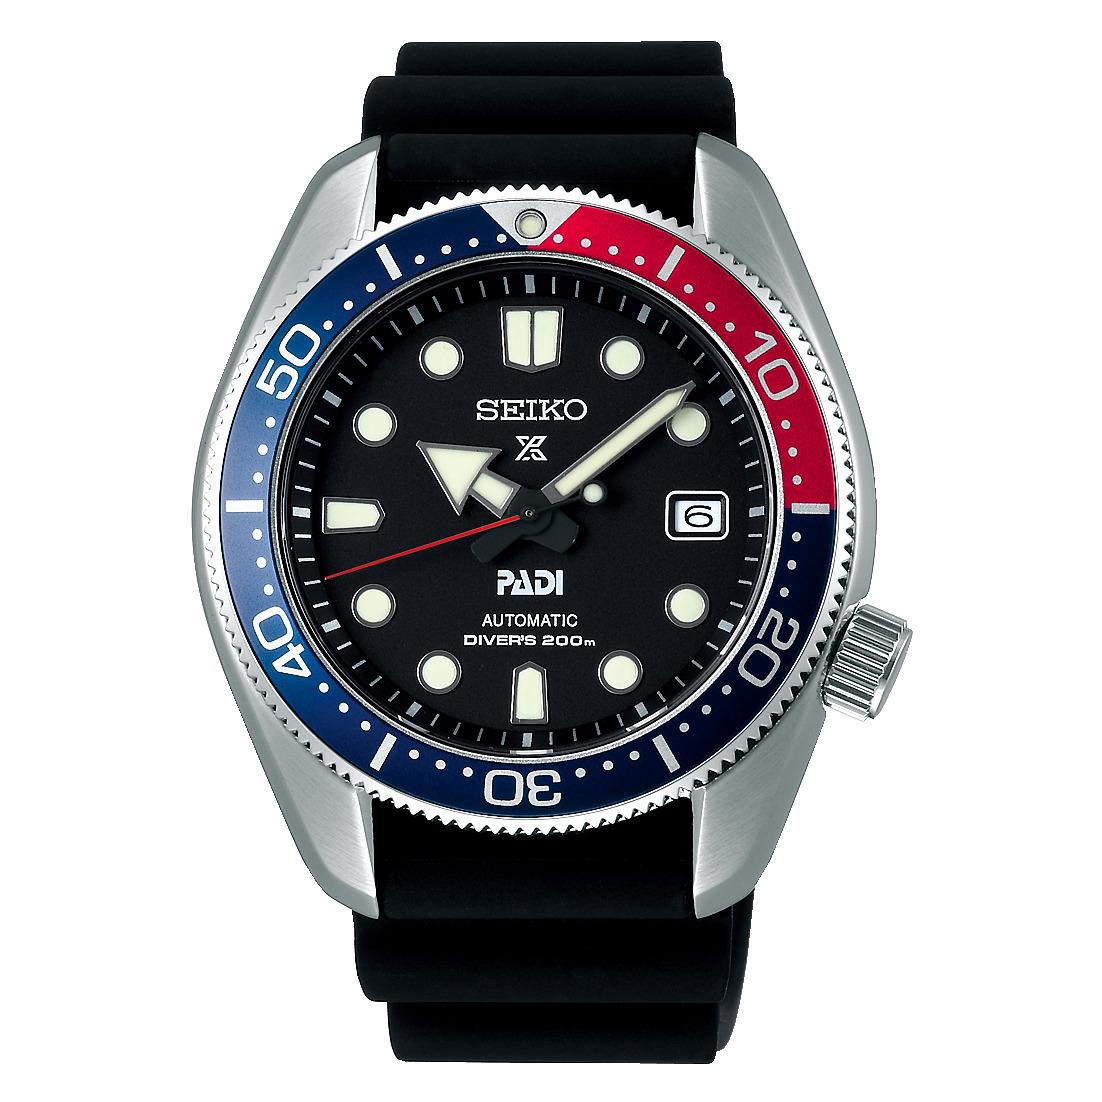 プロスペックス PROSPEX セイコー SEIKO SBDC071 PADIスペシャルモデル 正規品 腕時計